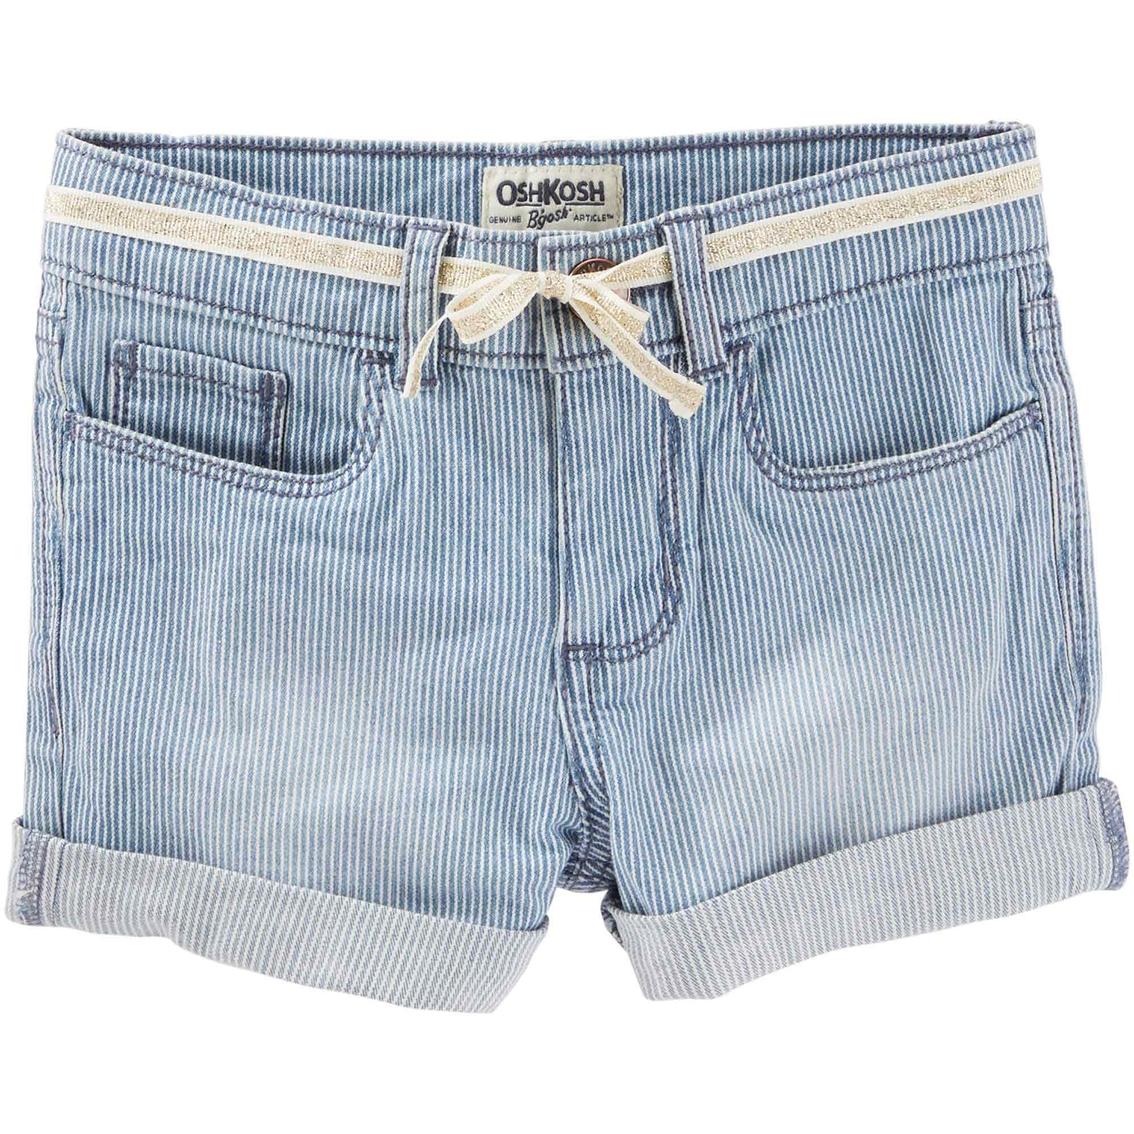 OshKosh BGosh Girls Bike Shorts